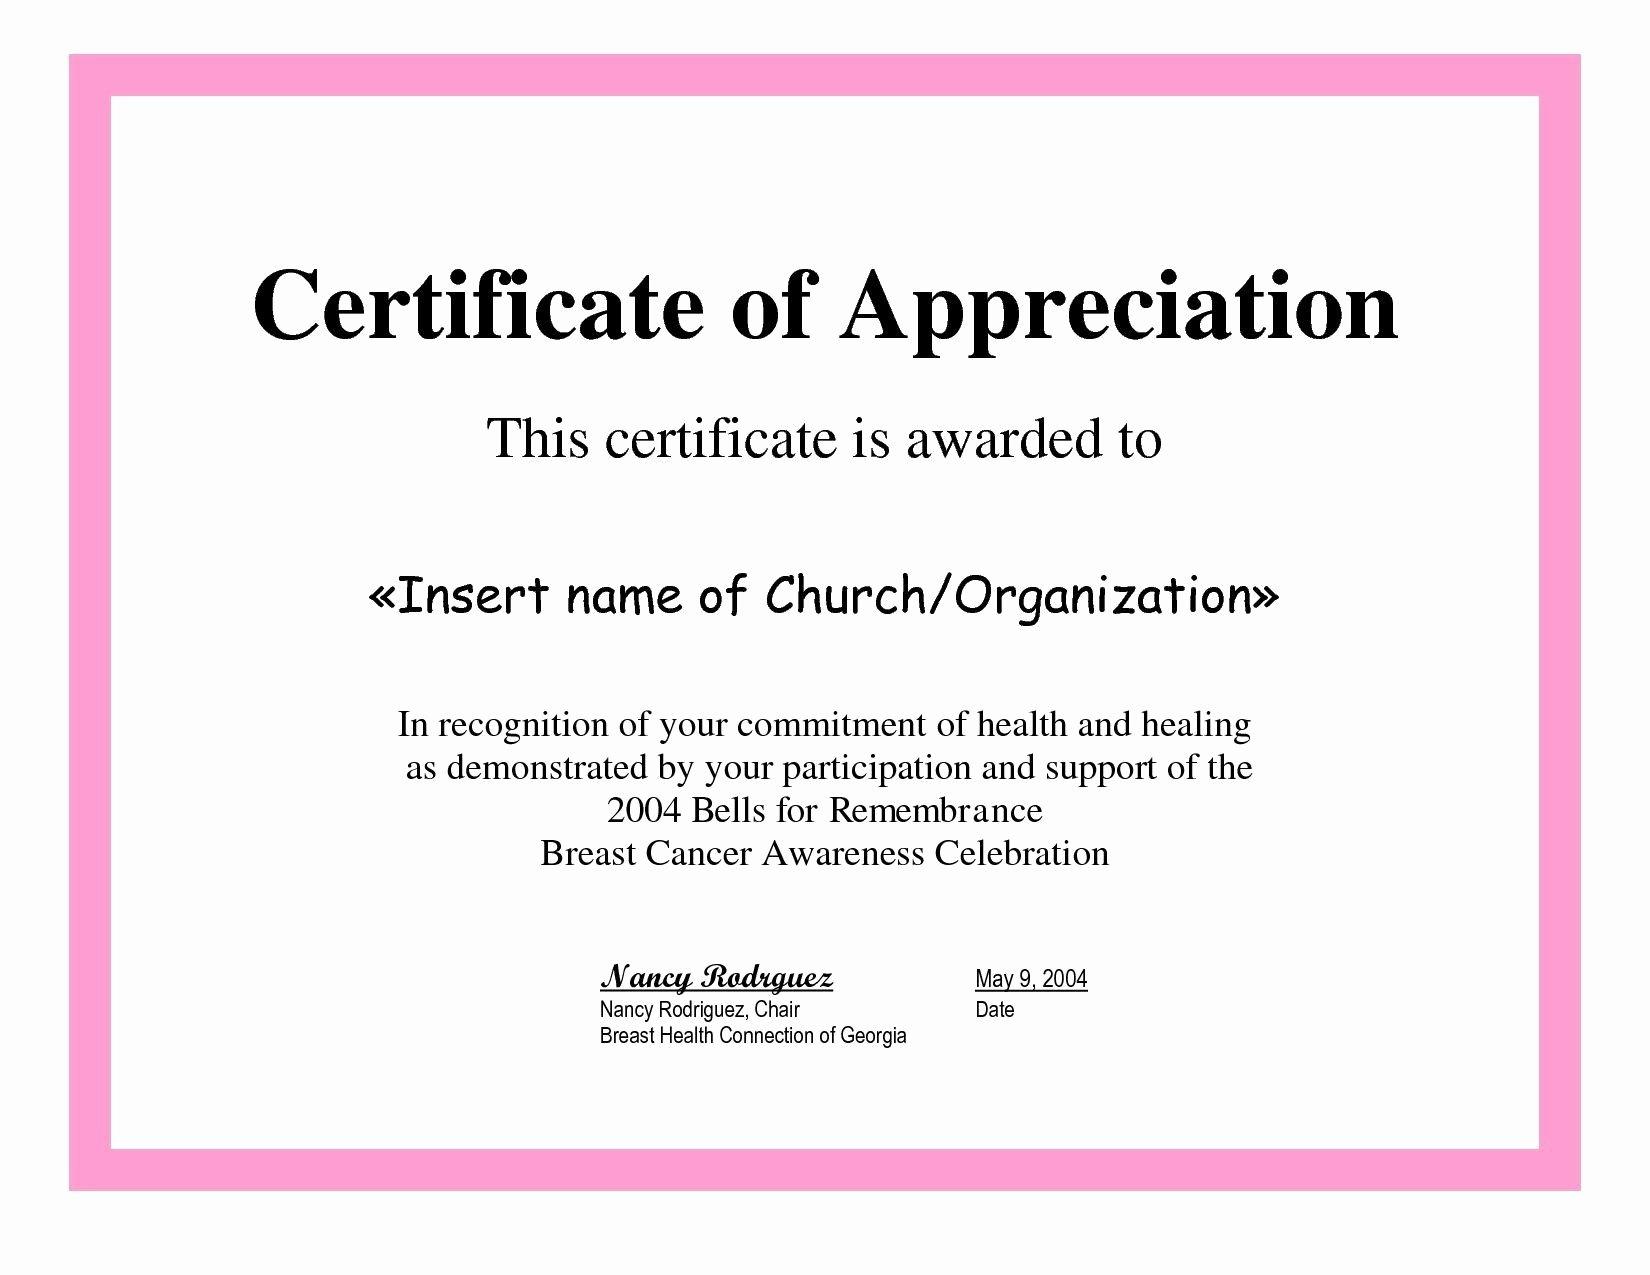 Teacher Appreciation Certificate Template Luxury Certificate Recognition Sample for Teachers